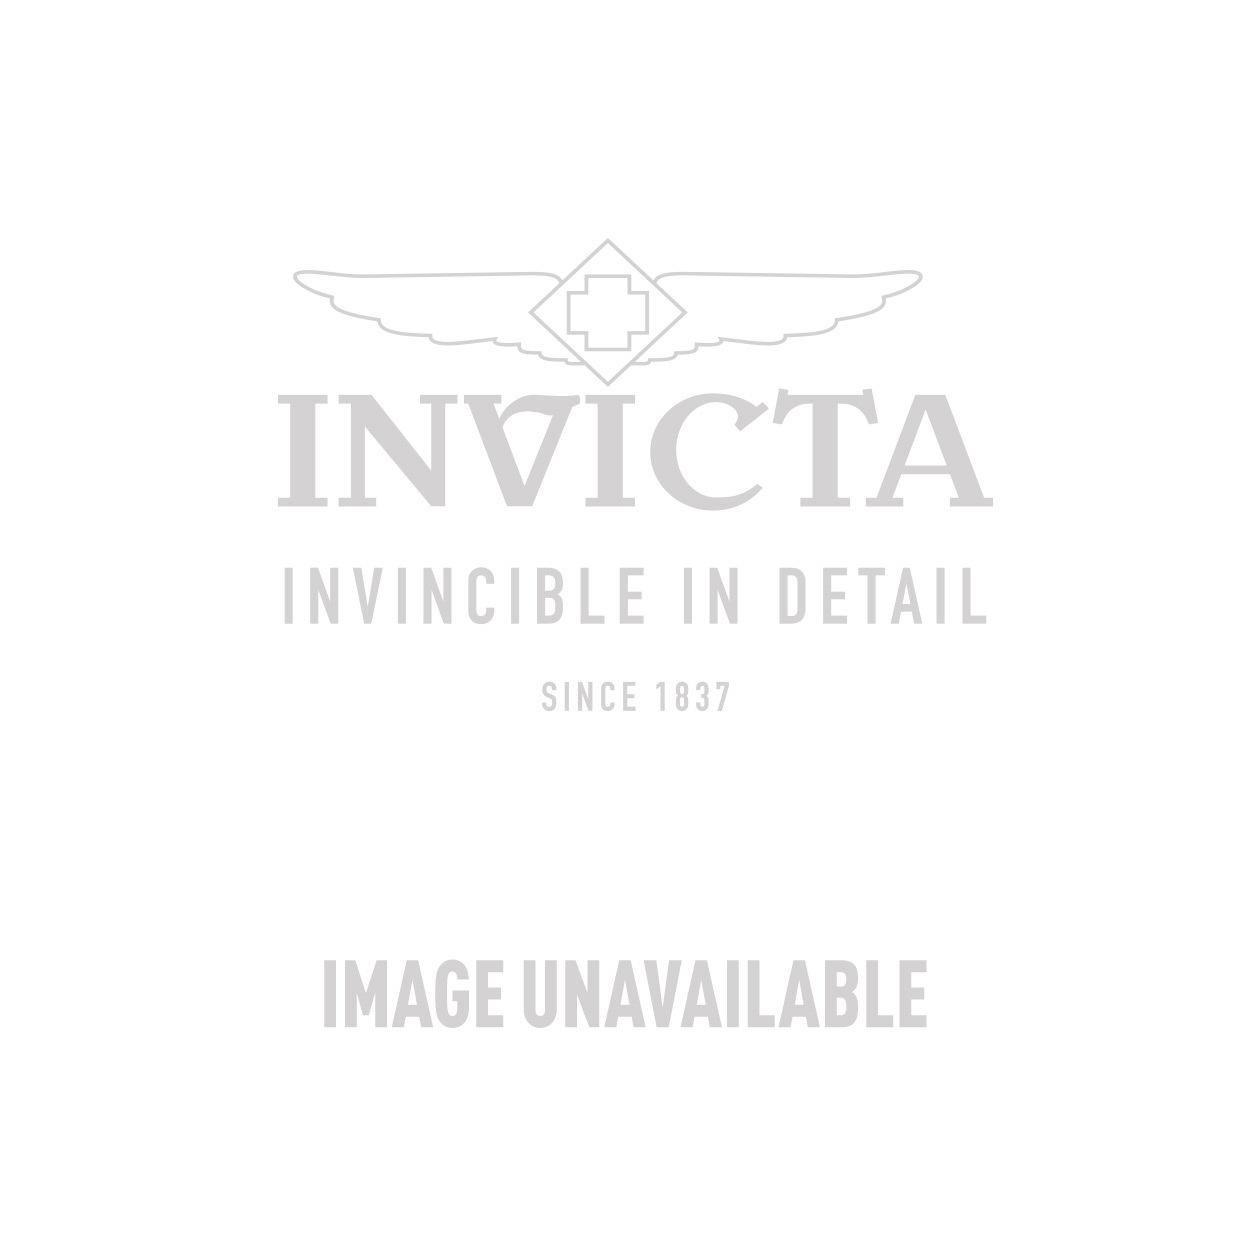 Invicta Model 27109